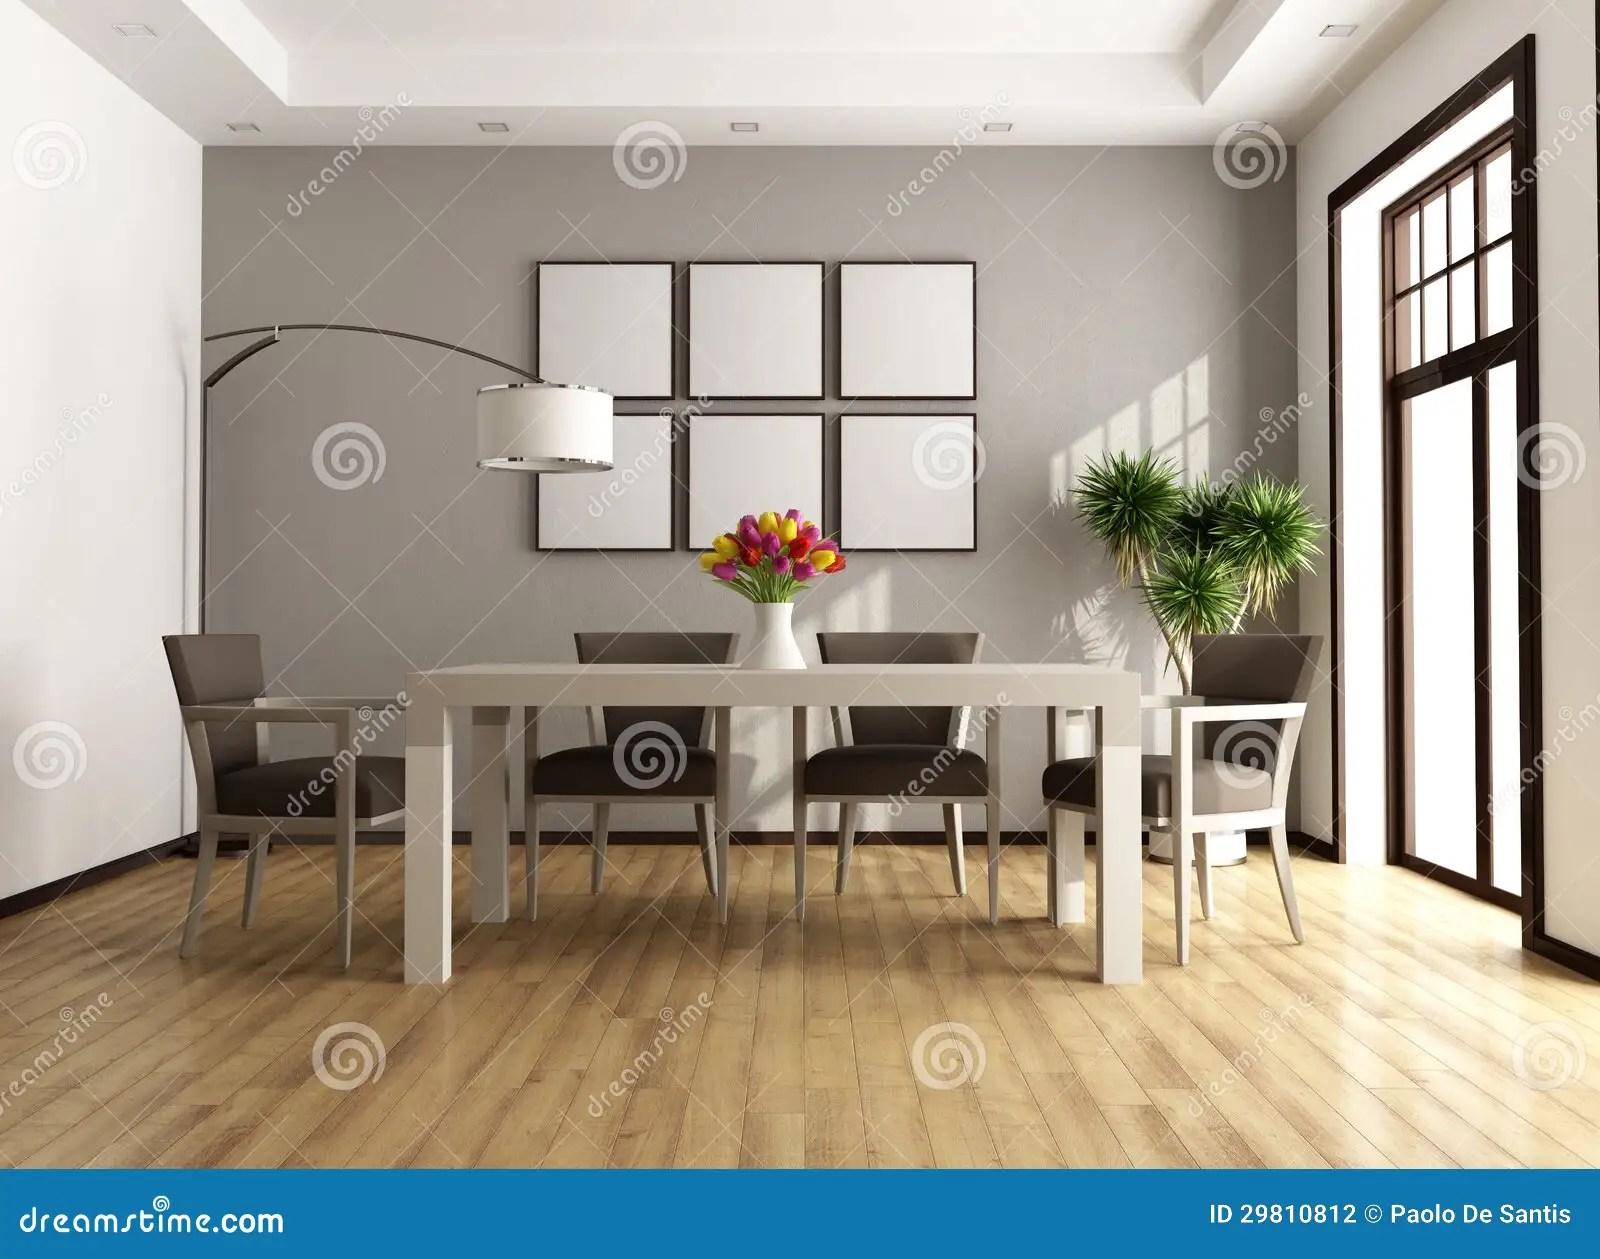 Plafoniere Per Sala Da Pranzo : Quadretti sala da pranzo plafoniere moderne per